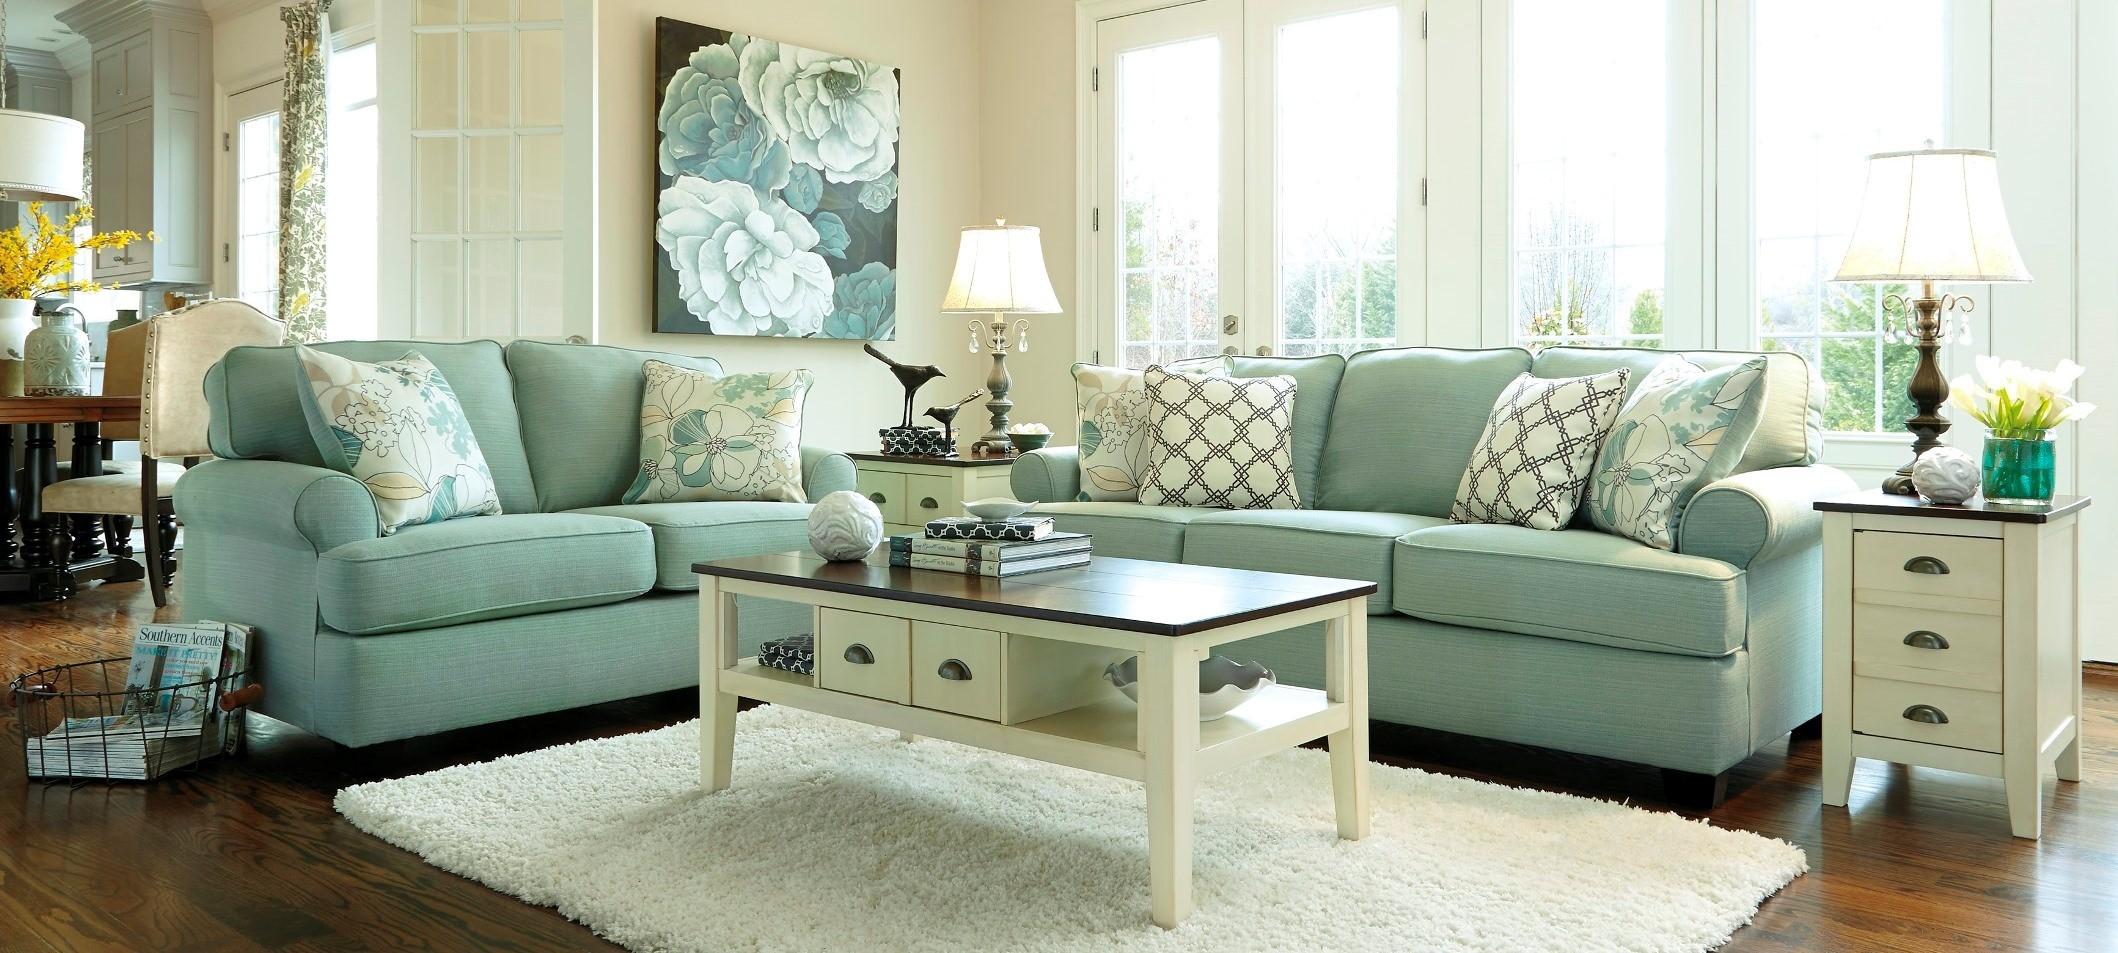 daystar living room set from ashley 28200 38 35 coleman furniture. Black Bedroom Furniture Sets. Home Design Ideas